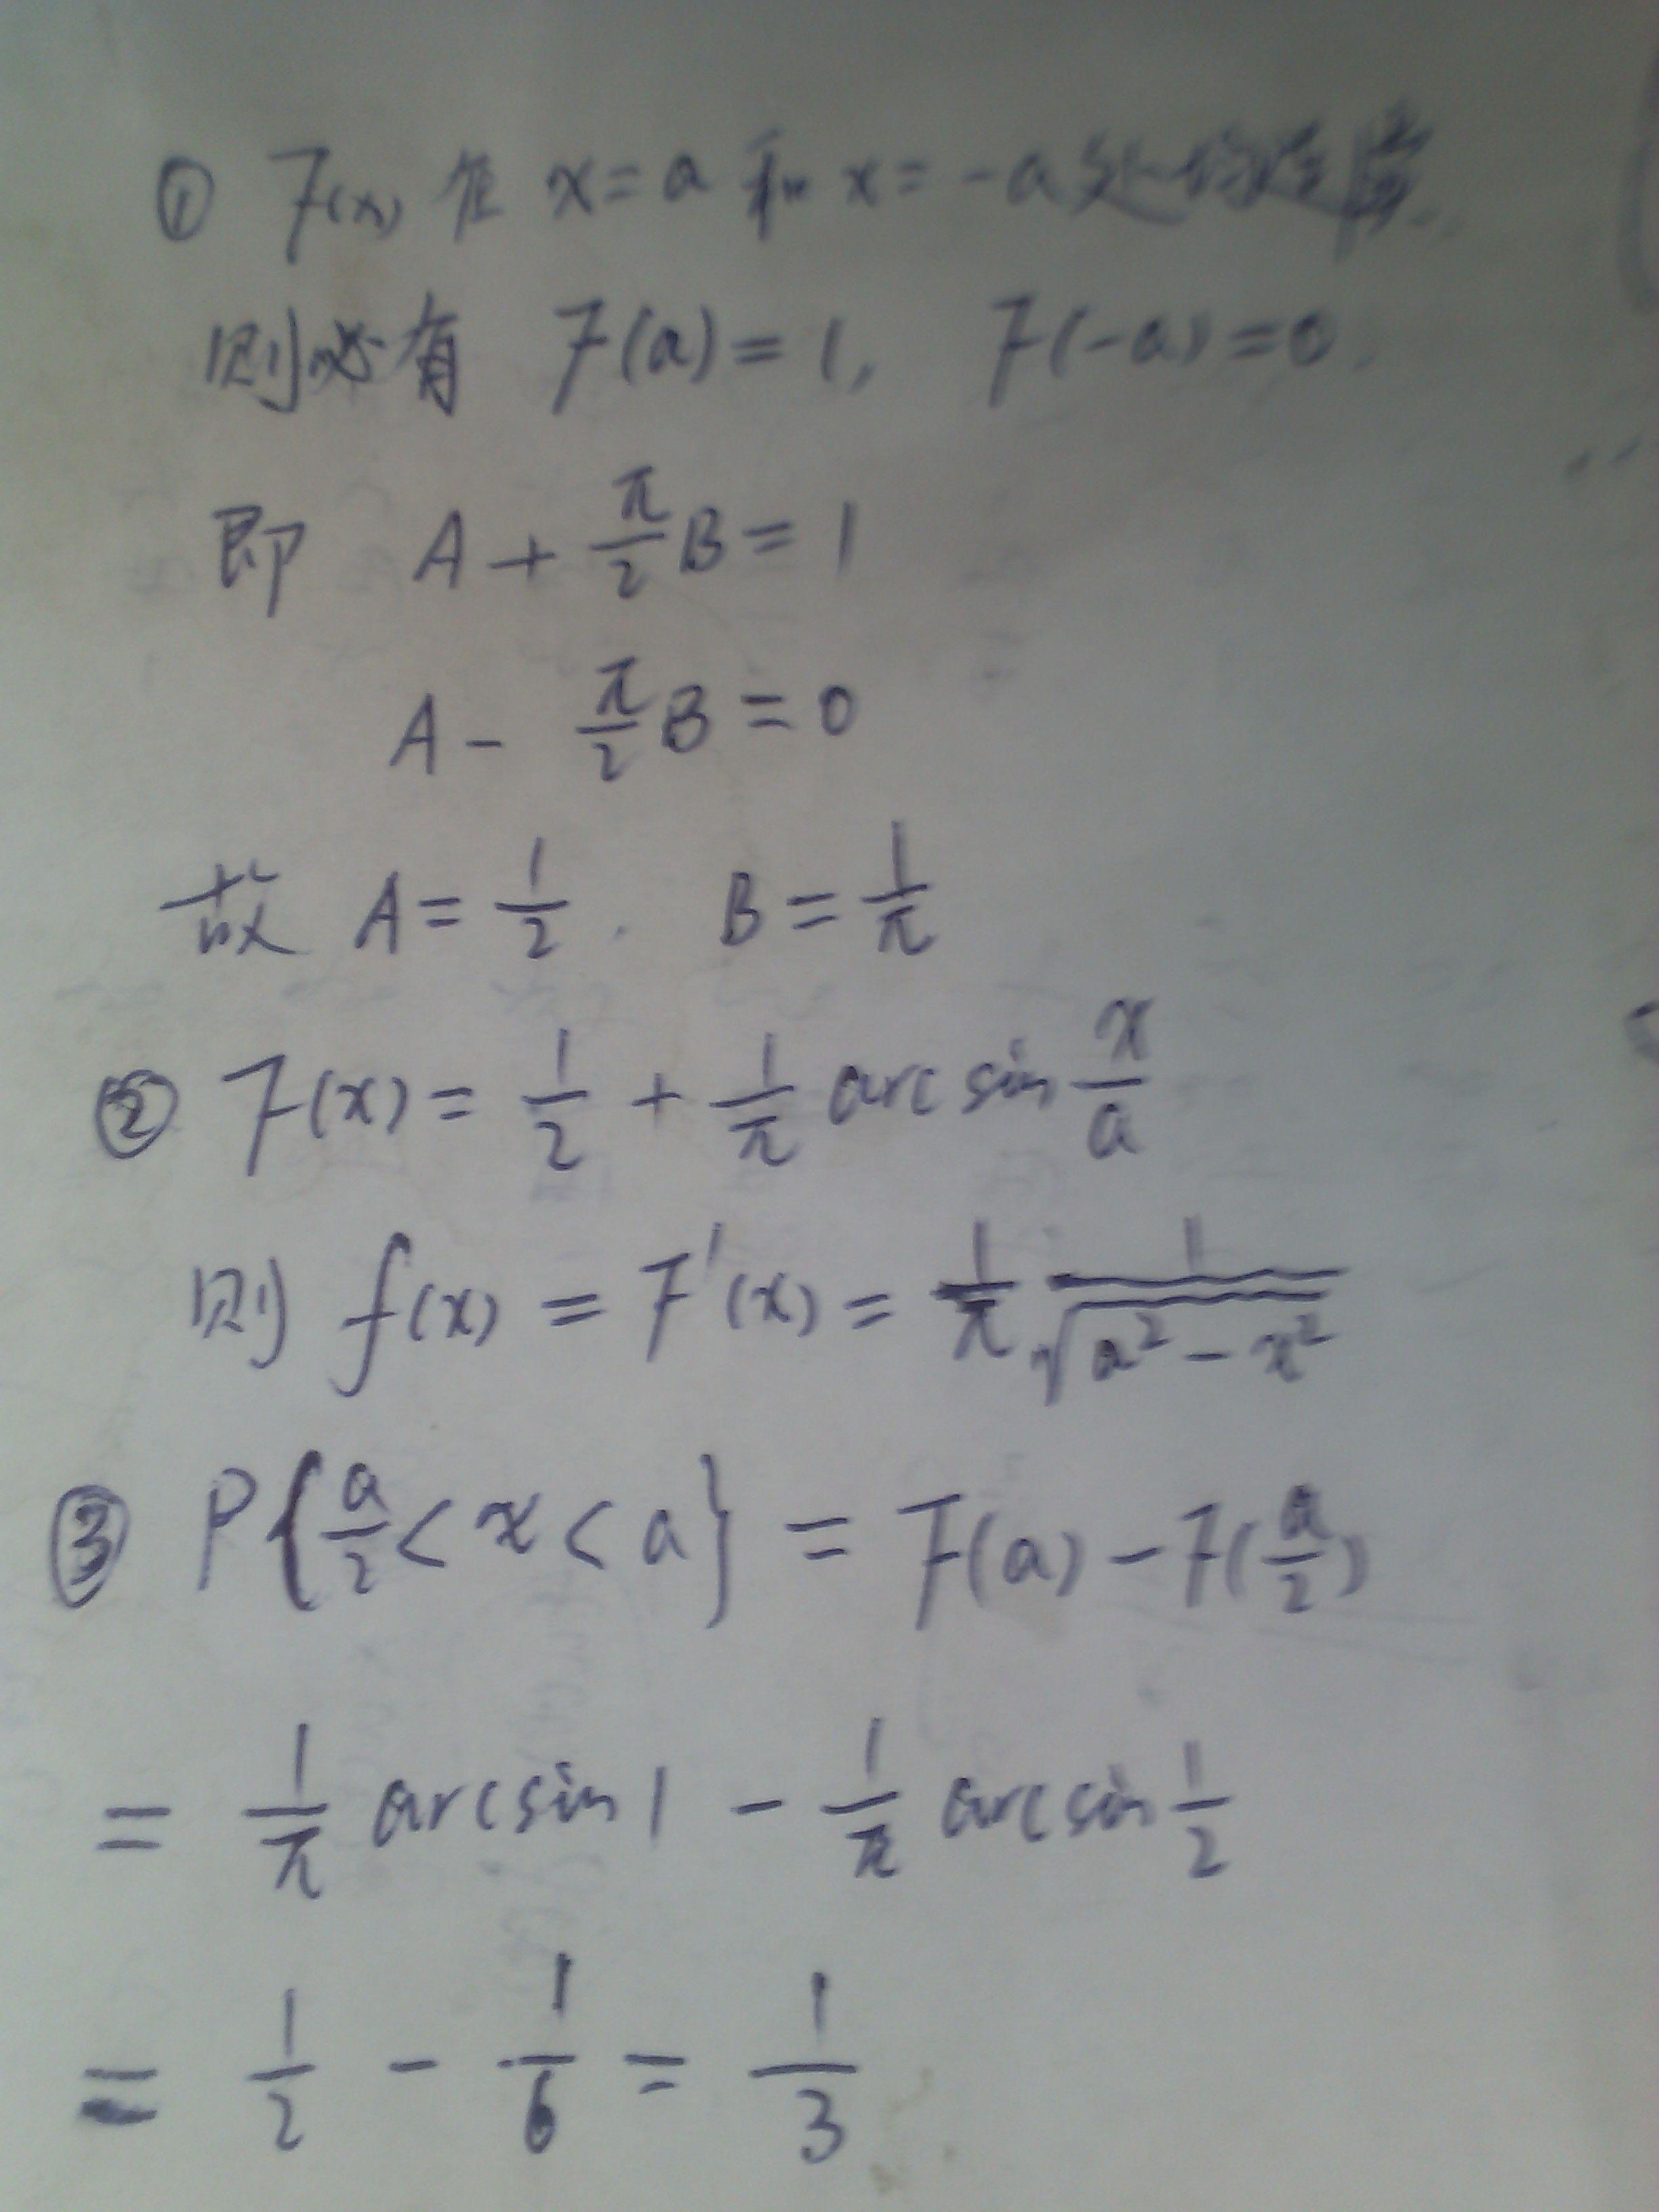 已知连续型随机变量x~f